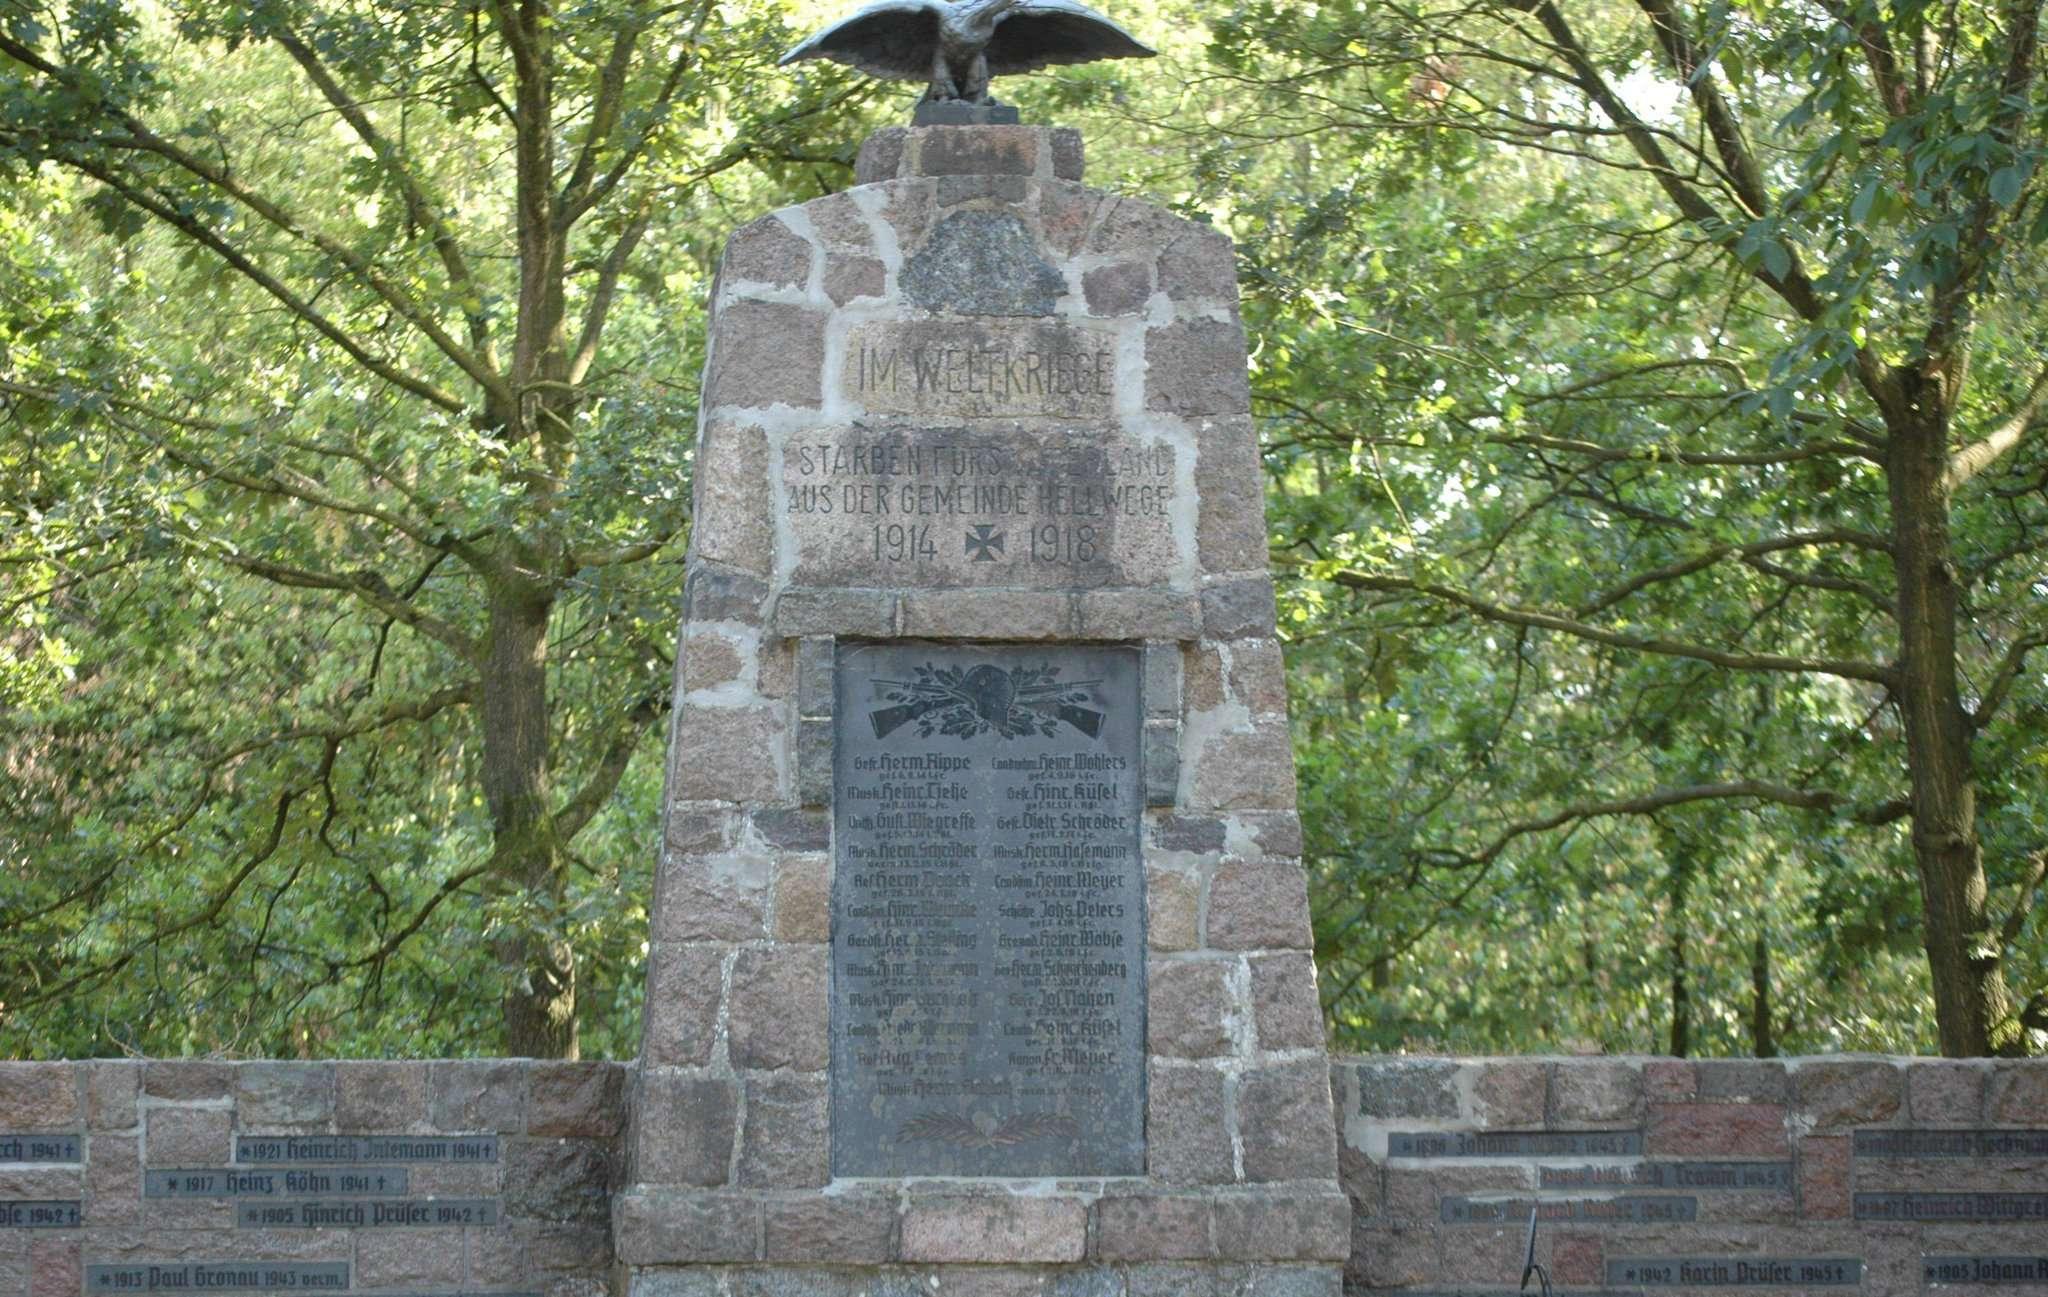 Das Mahnmal in Hellwege: Auf dem rechten Mauerwerk findet sich der Name von Karin Prüser, die während der Kampfhandlungen um das Dorf an der Wümme starb. Fotos: Jens Lou00ebs